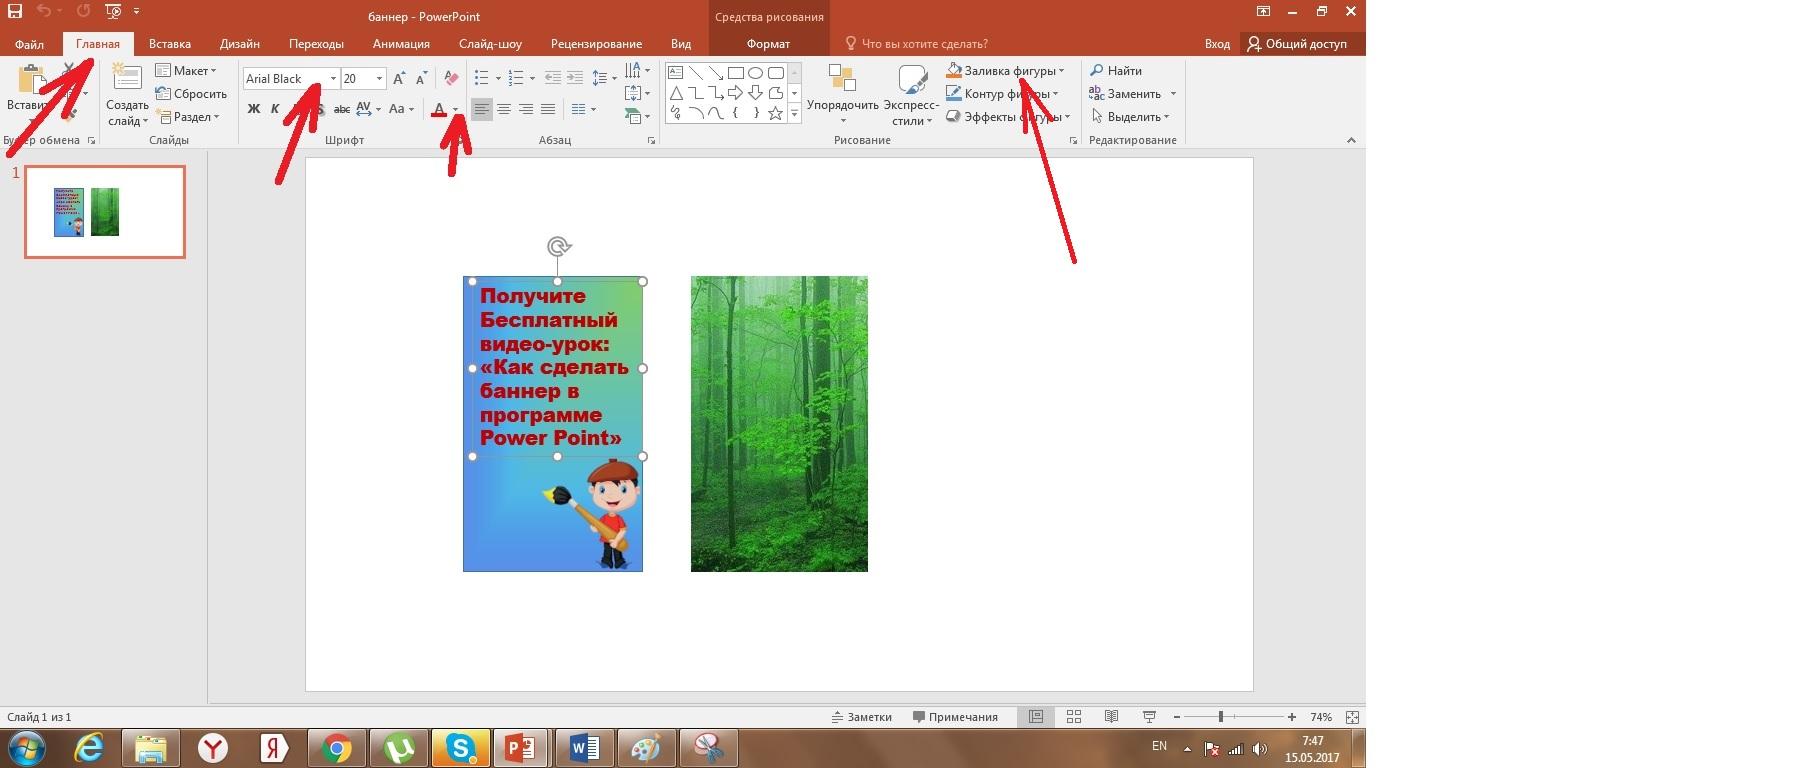 как сделать баннер в powerpoint